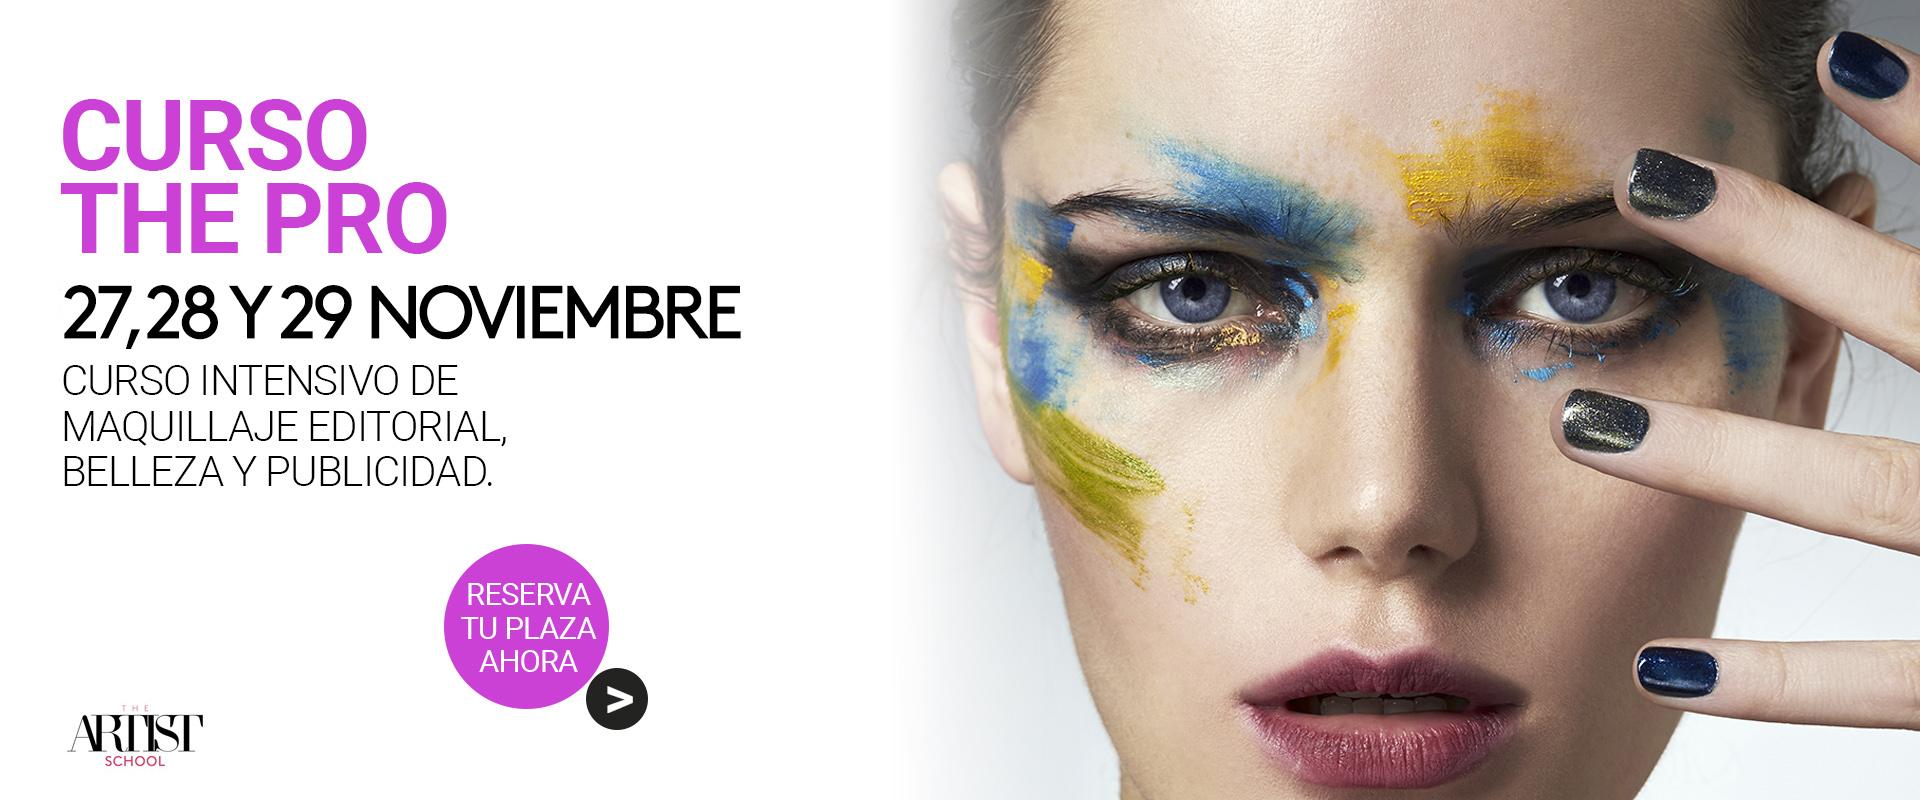 Curso The Pro de maquillaje